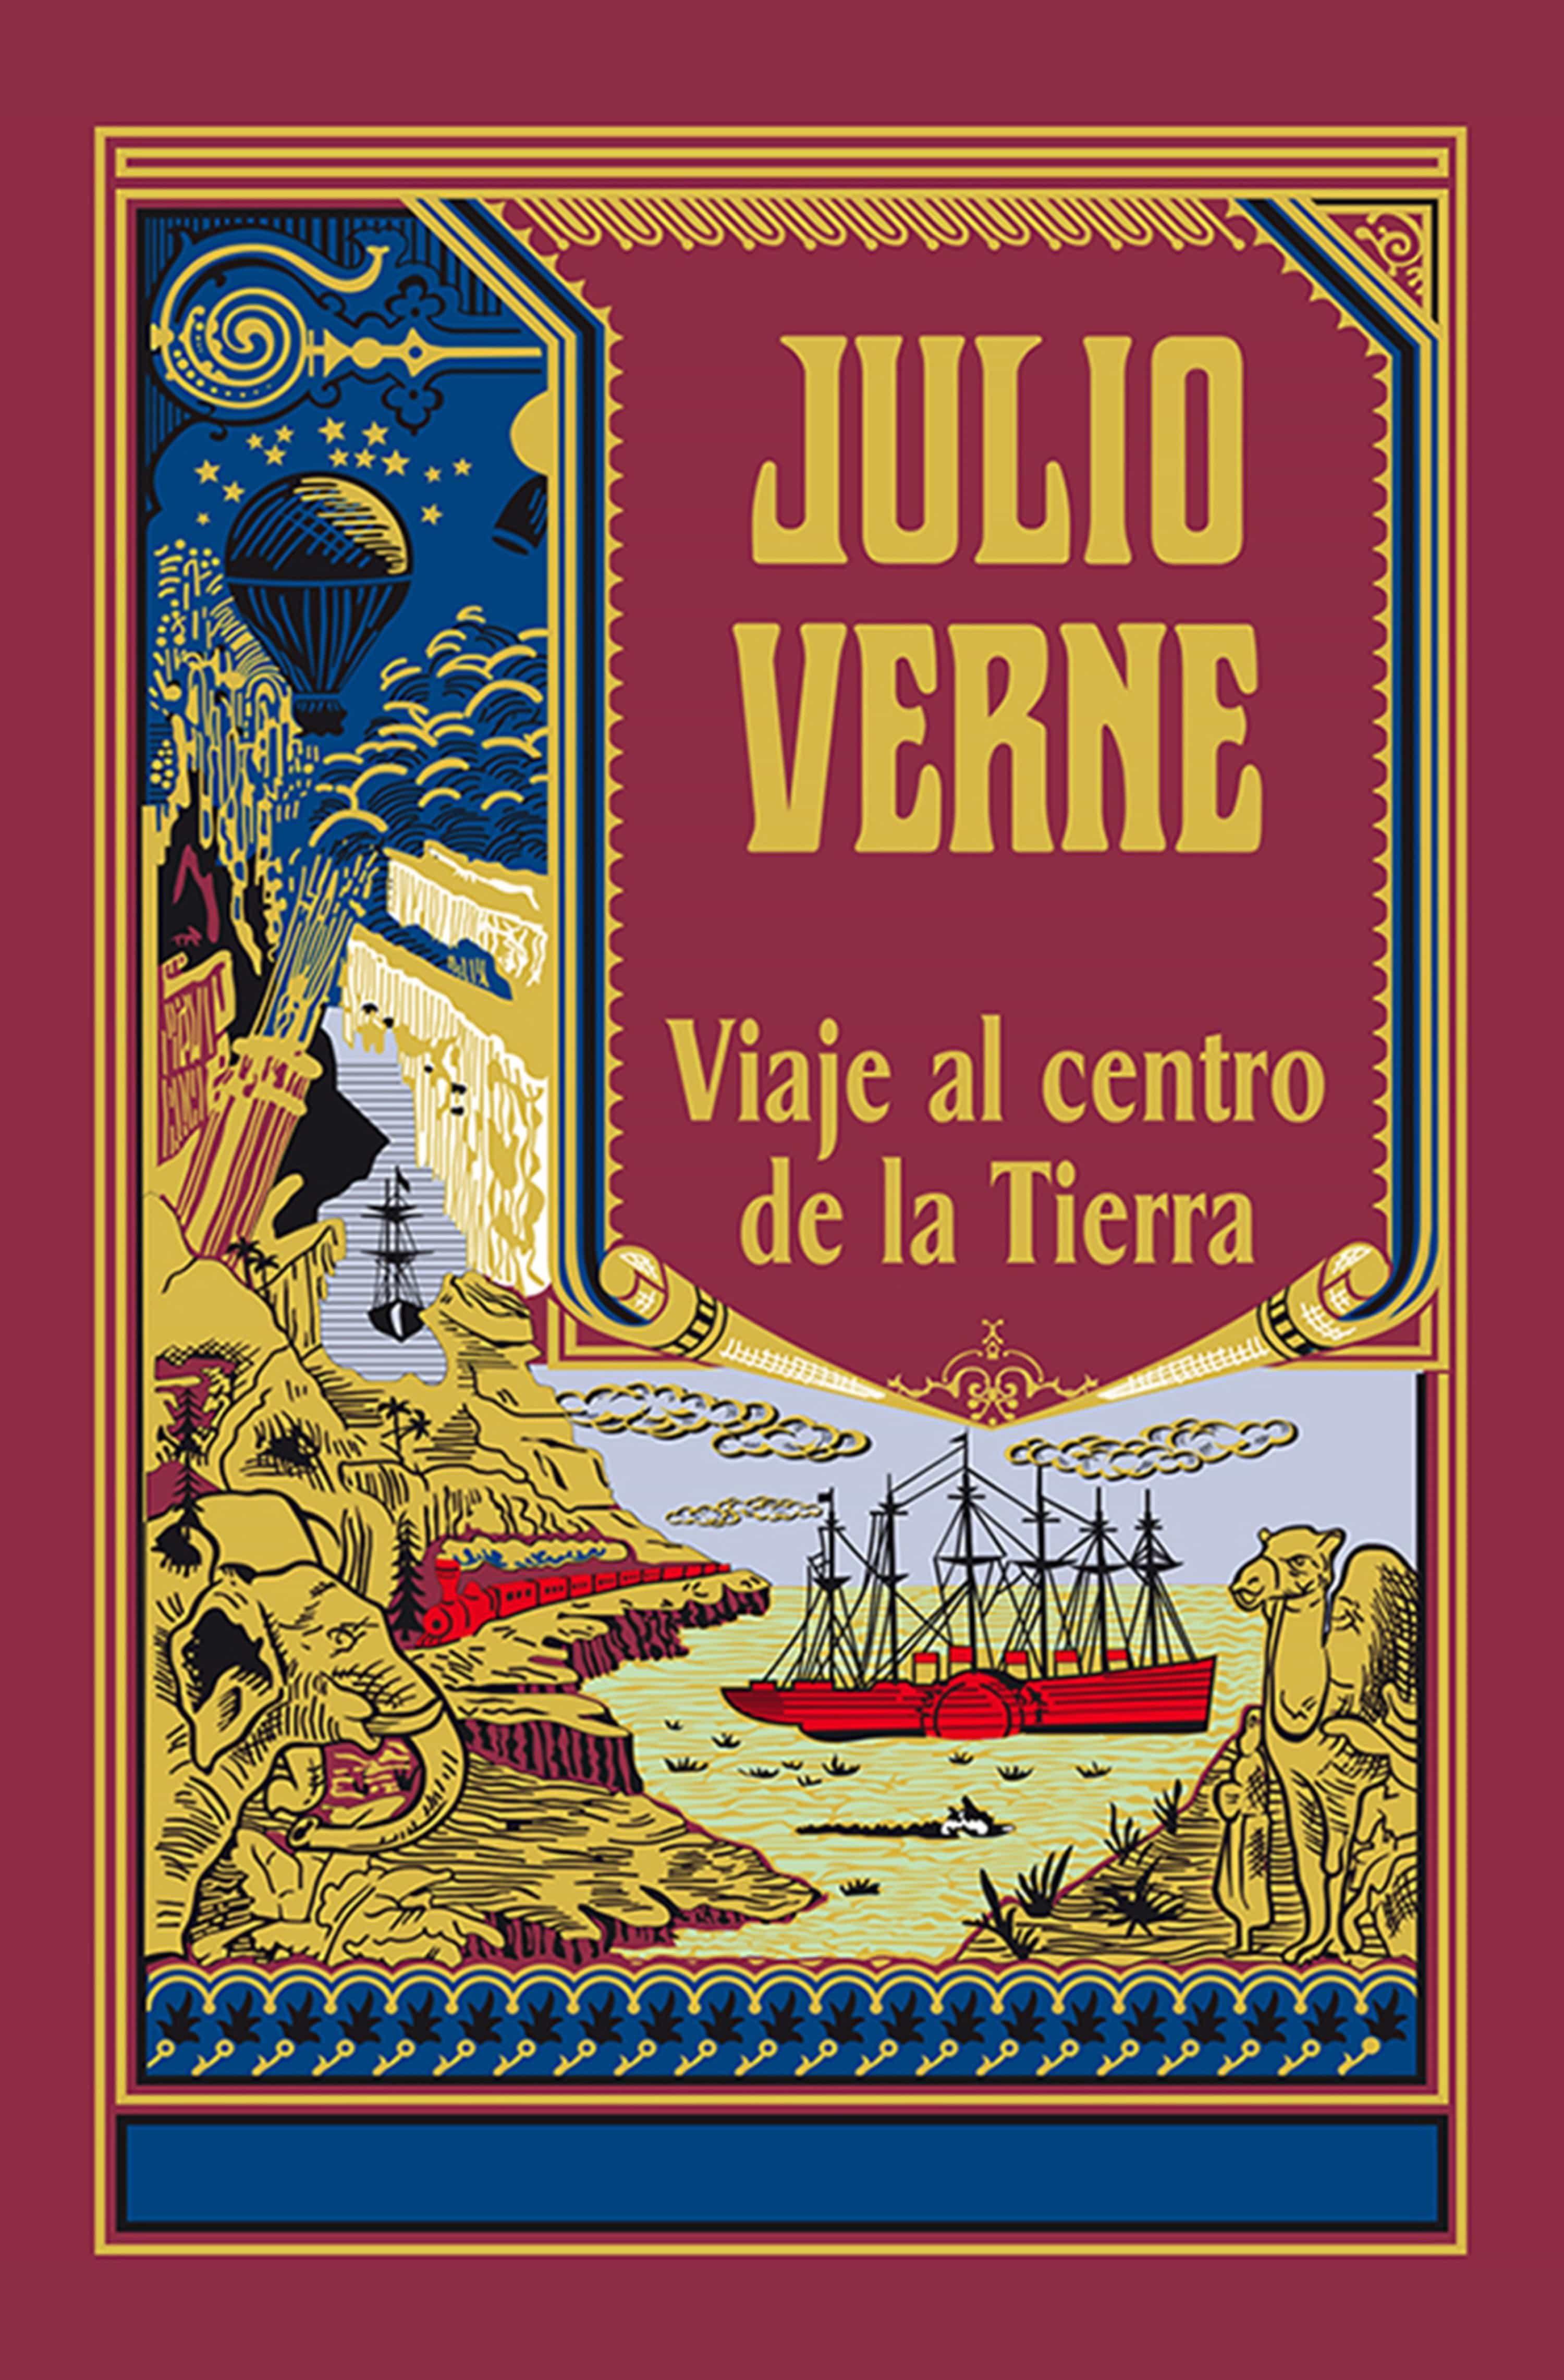 VIAJE AL CENTRO DE LA TIERRA EBOOK | JULES VERNE